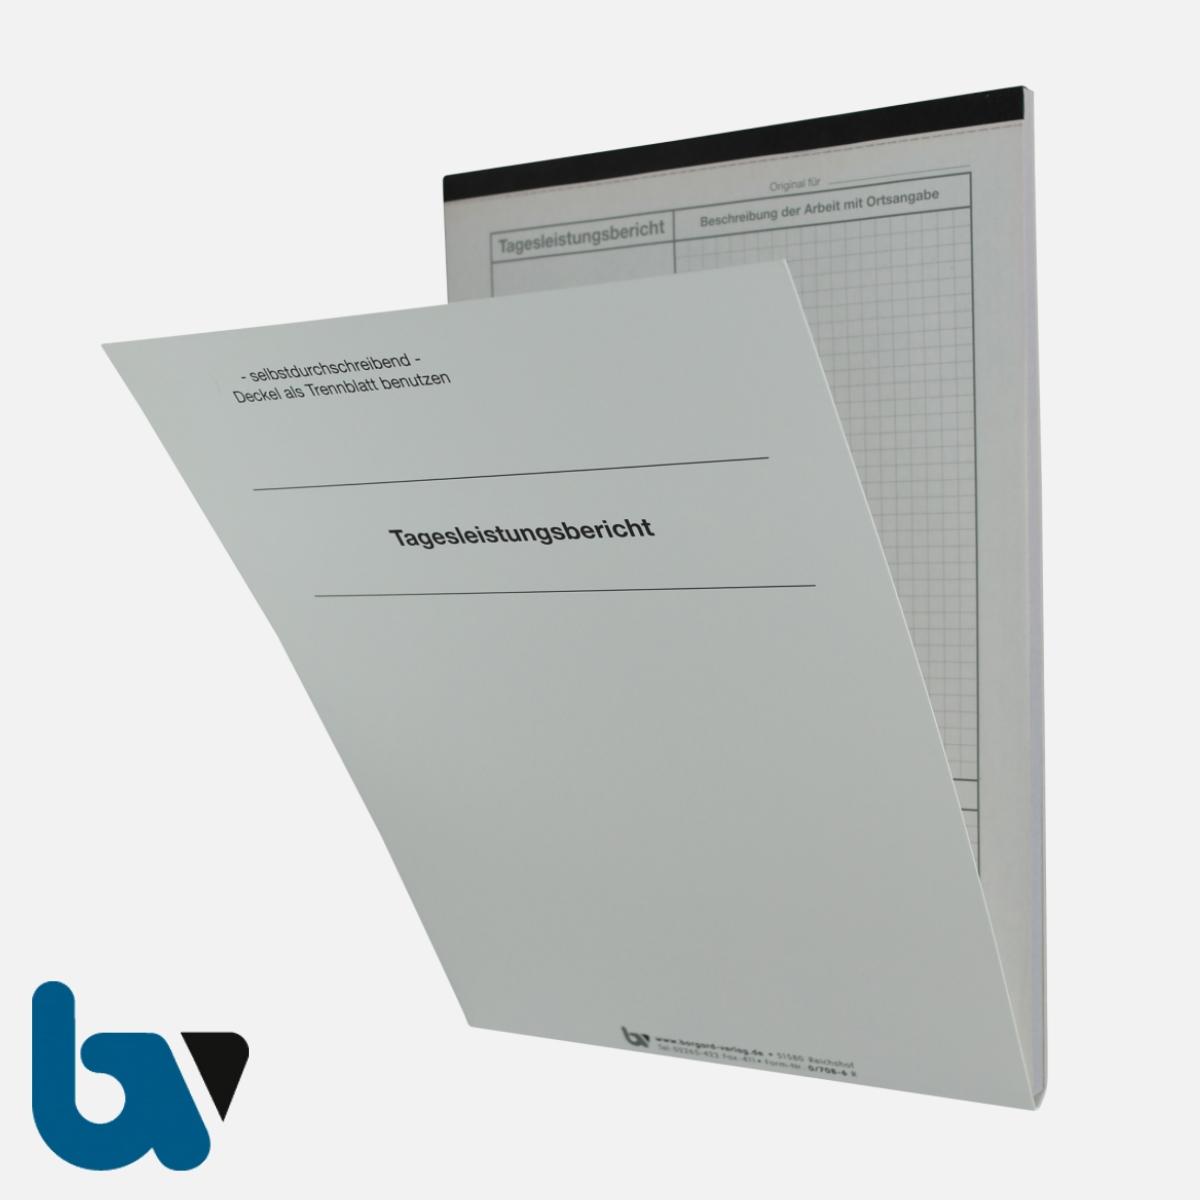 0/708-6 Tagesleistungsbericht Baustelle Arbeit Material selbstdurchschreibend Einschlagdeckel Durchschreibeschutz Schreibschutzdeckel perforiert DIN A4 Vorderseite | Borgard Verlag GmbH